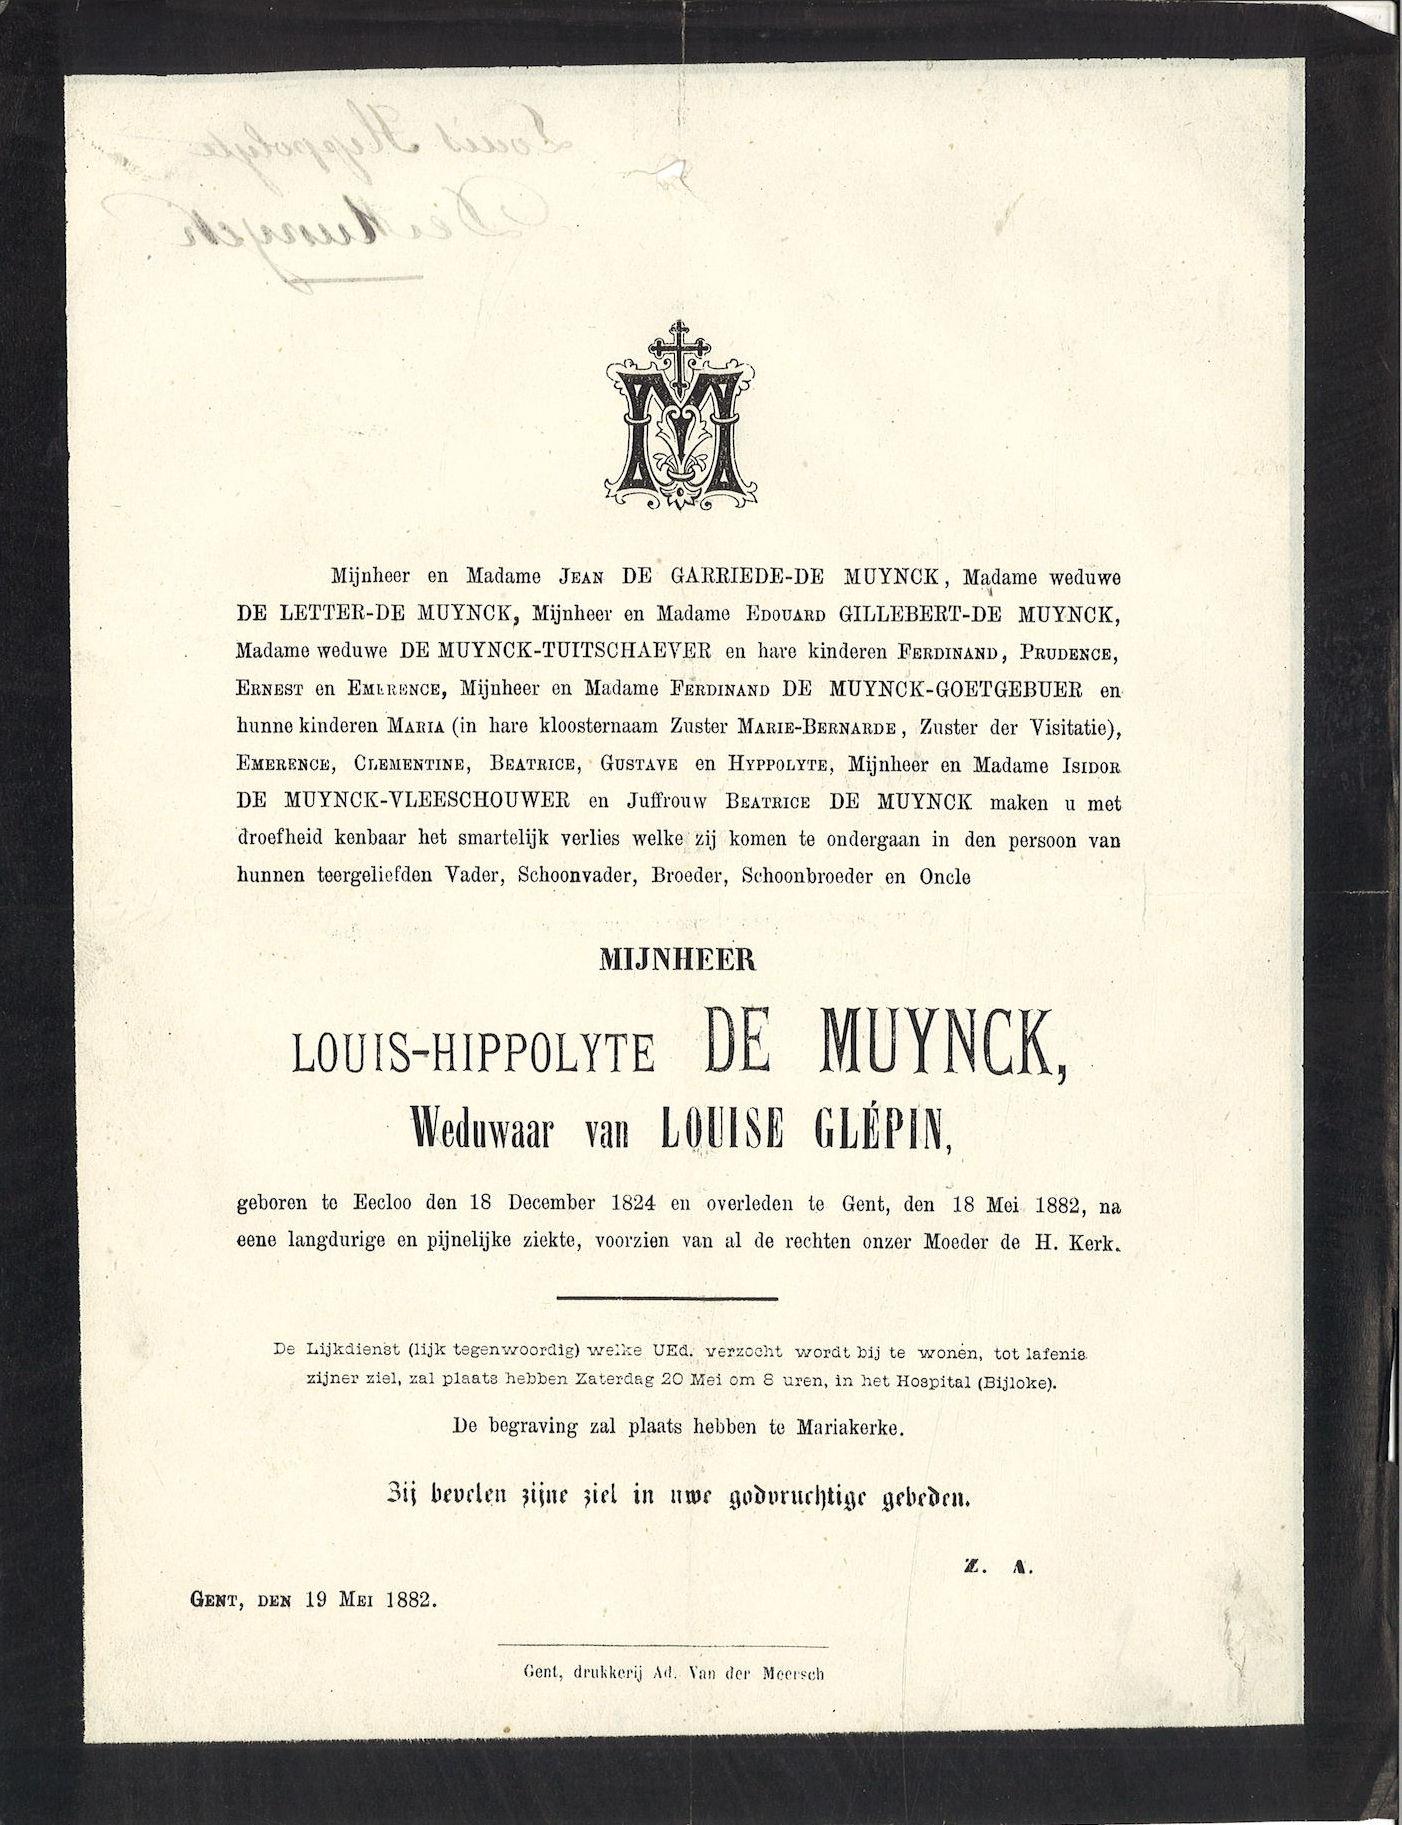 Louis-Hippolyte De Muynck